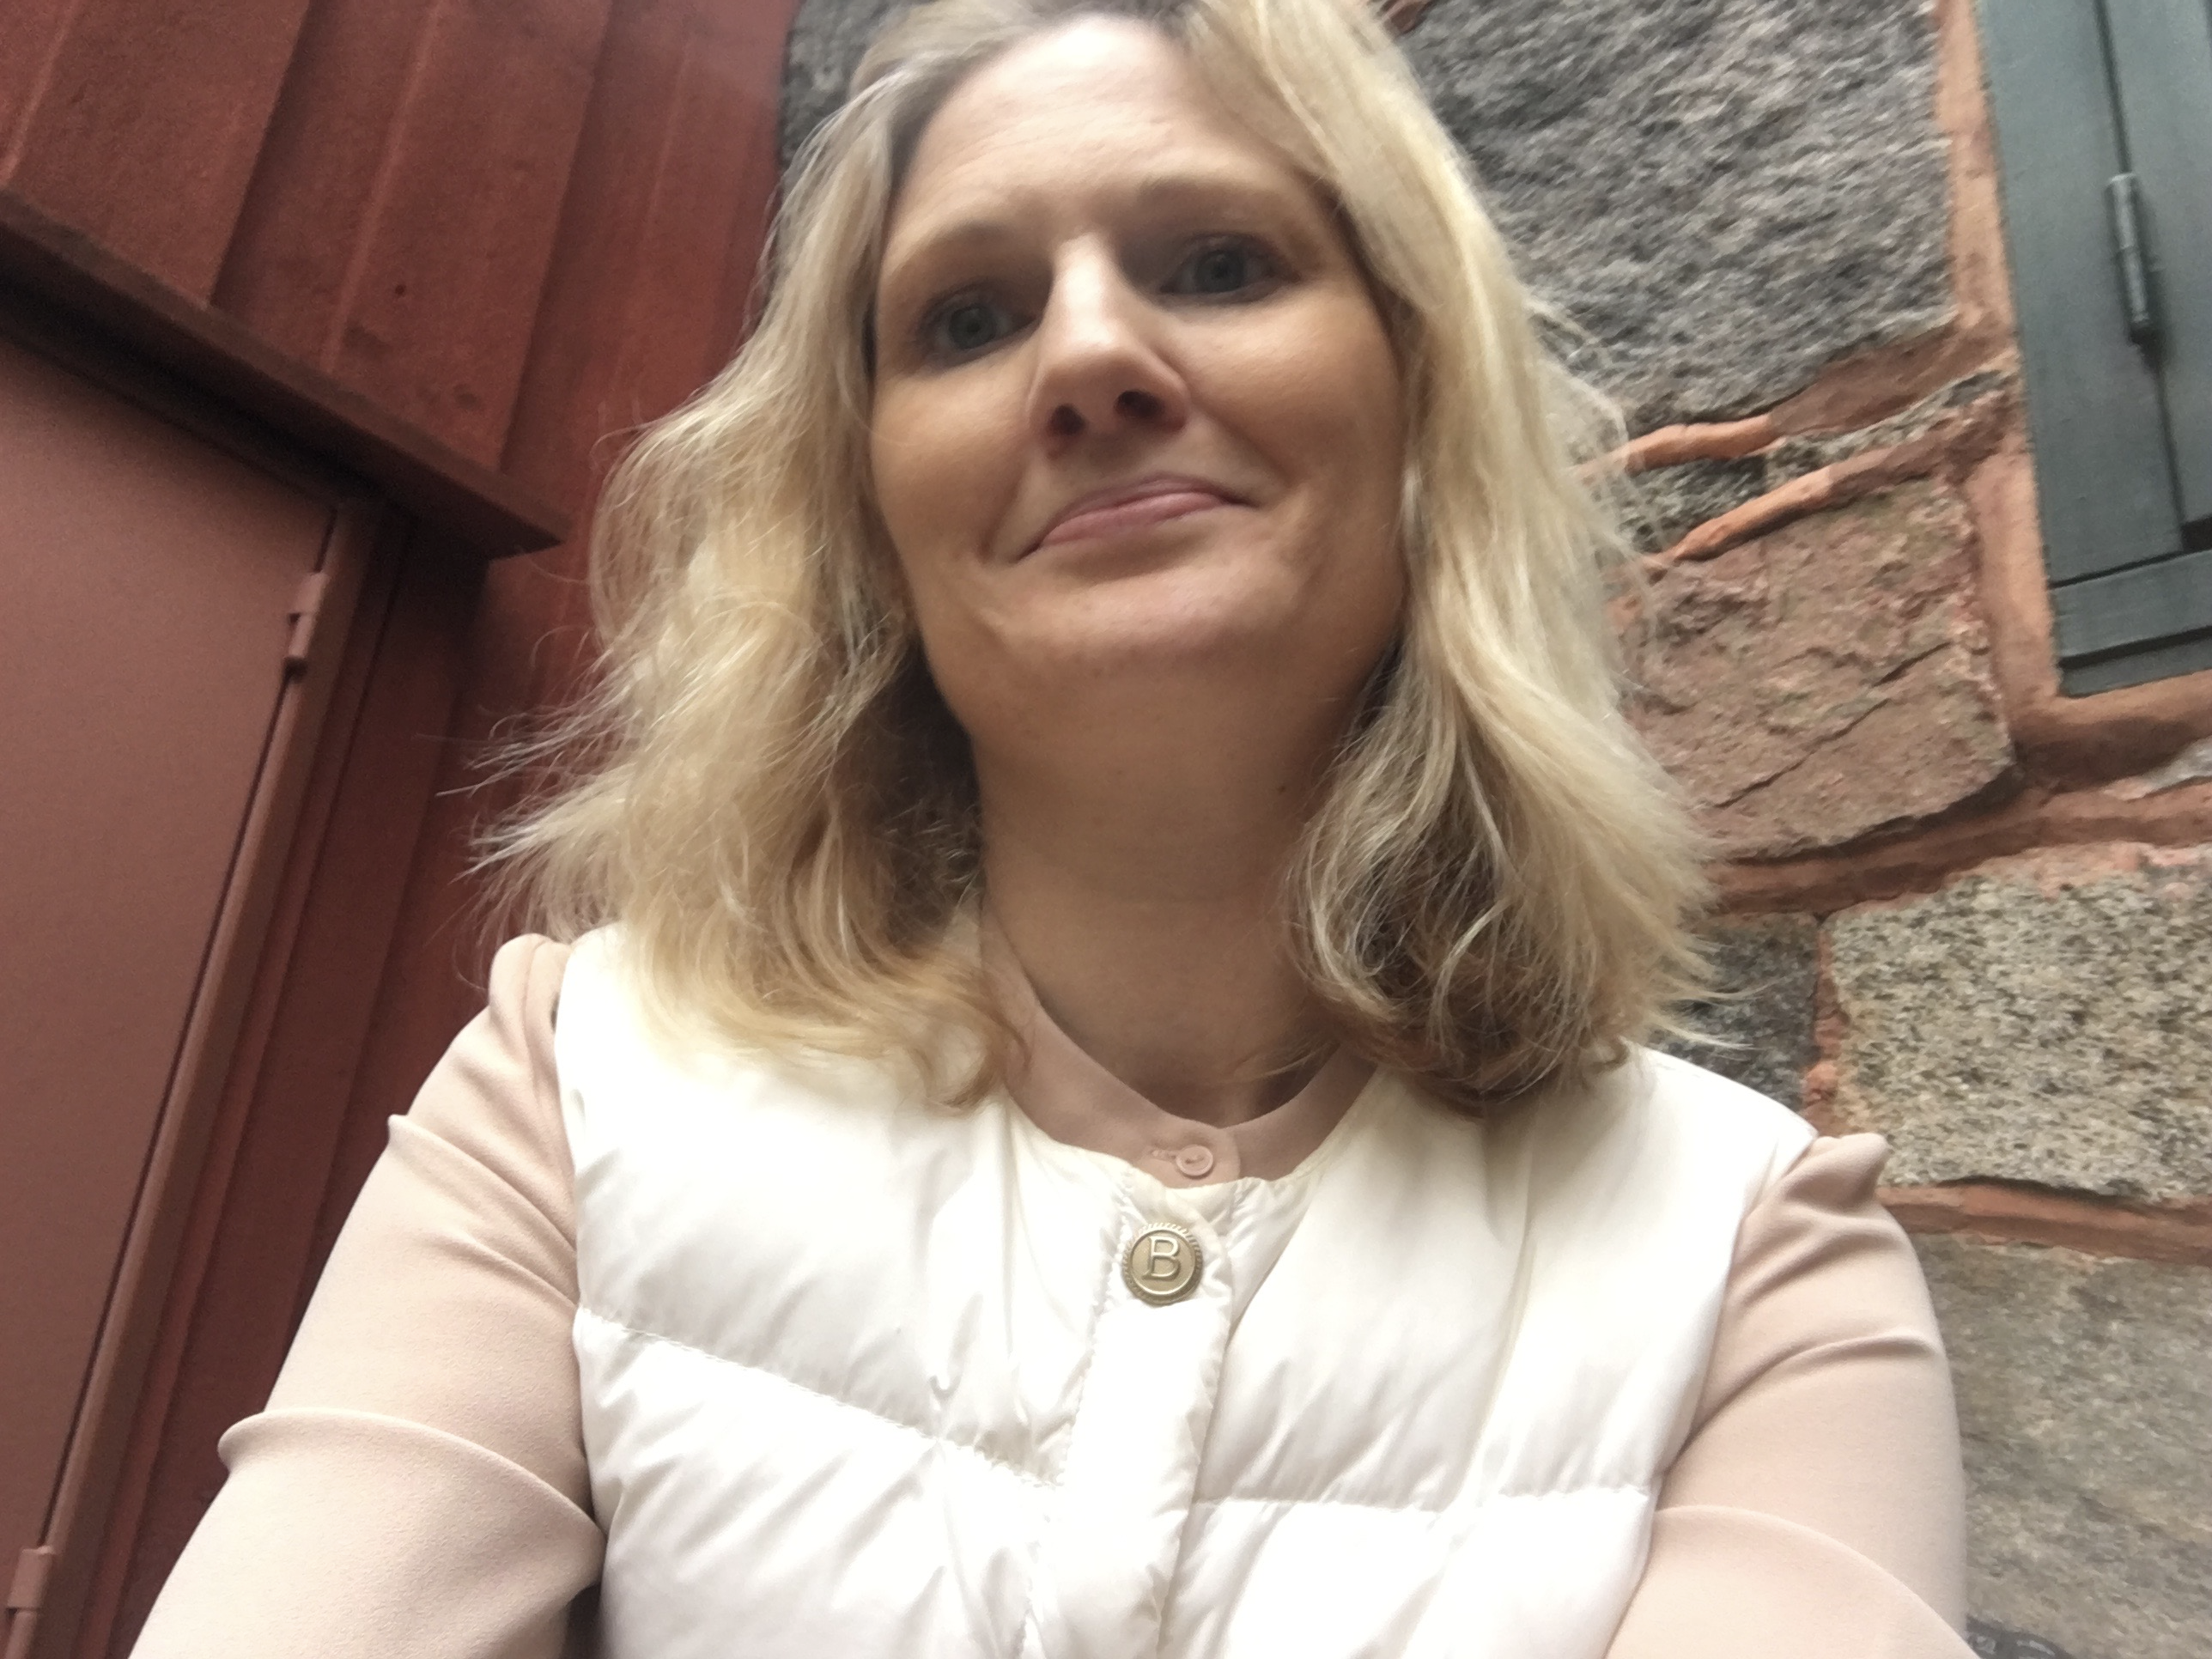 Någon gång behöver man lära sig äta och dricka av Helena Öggesjö